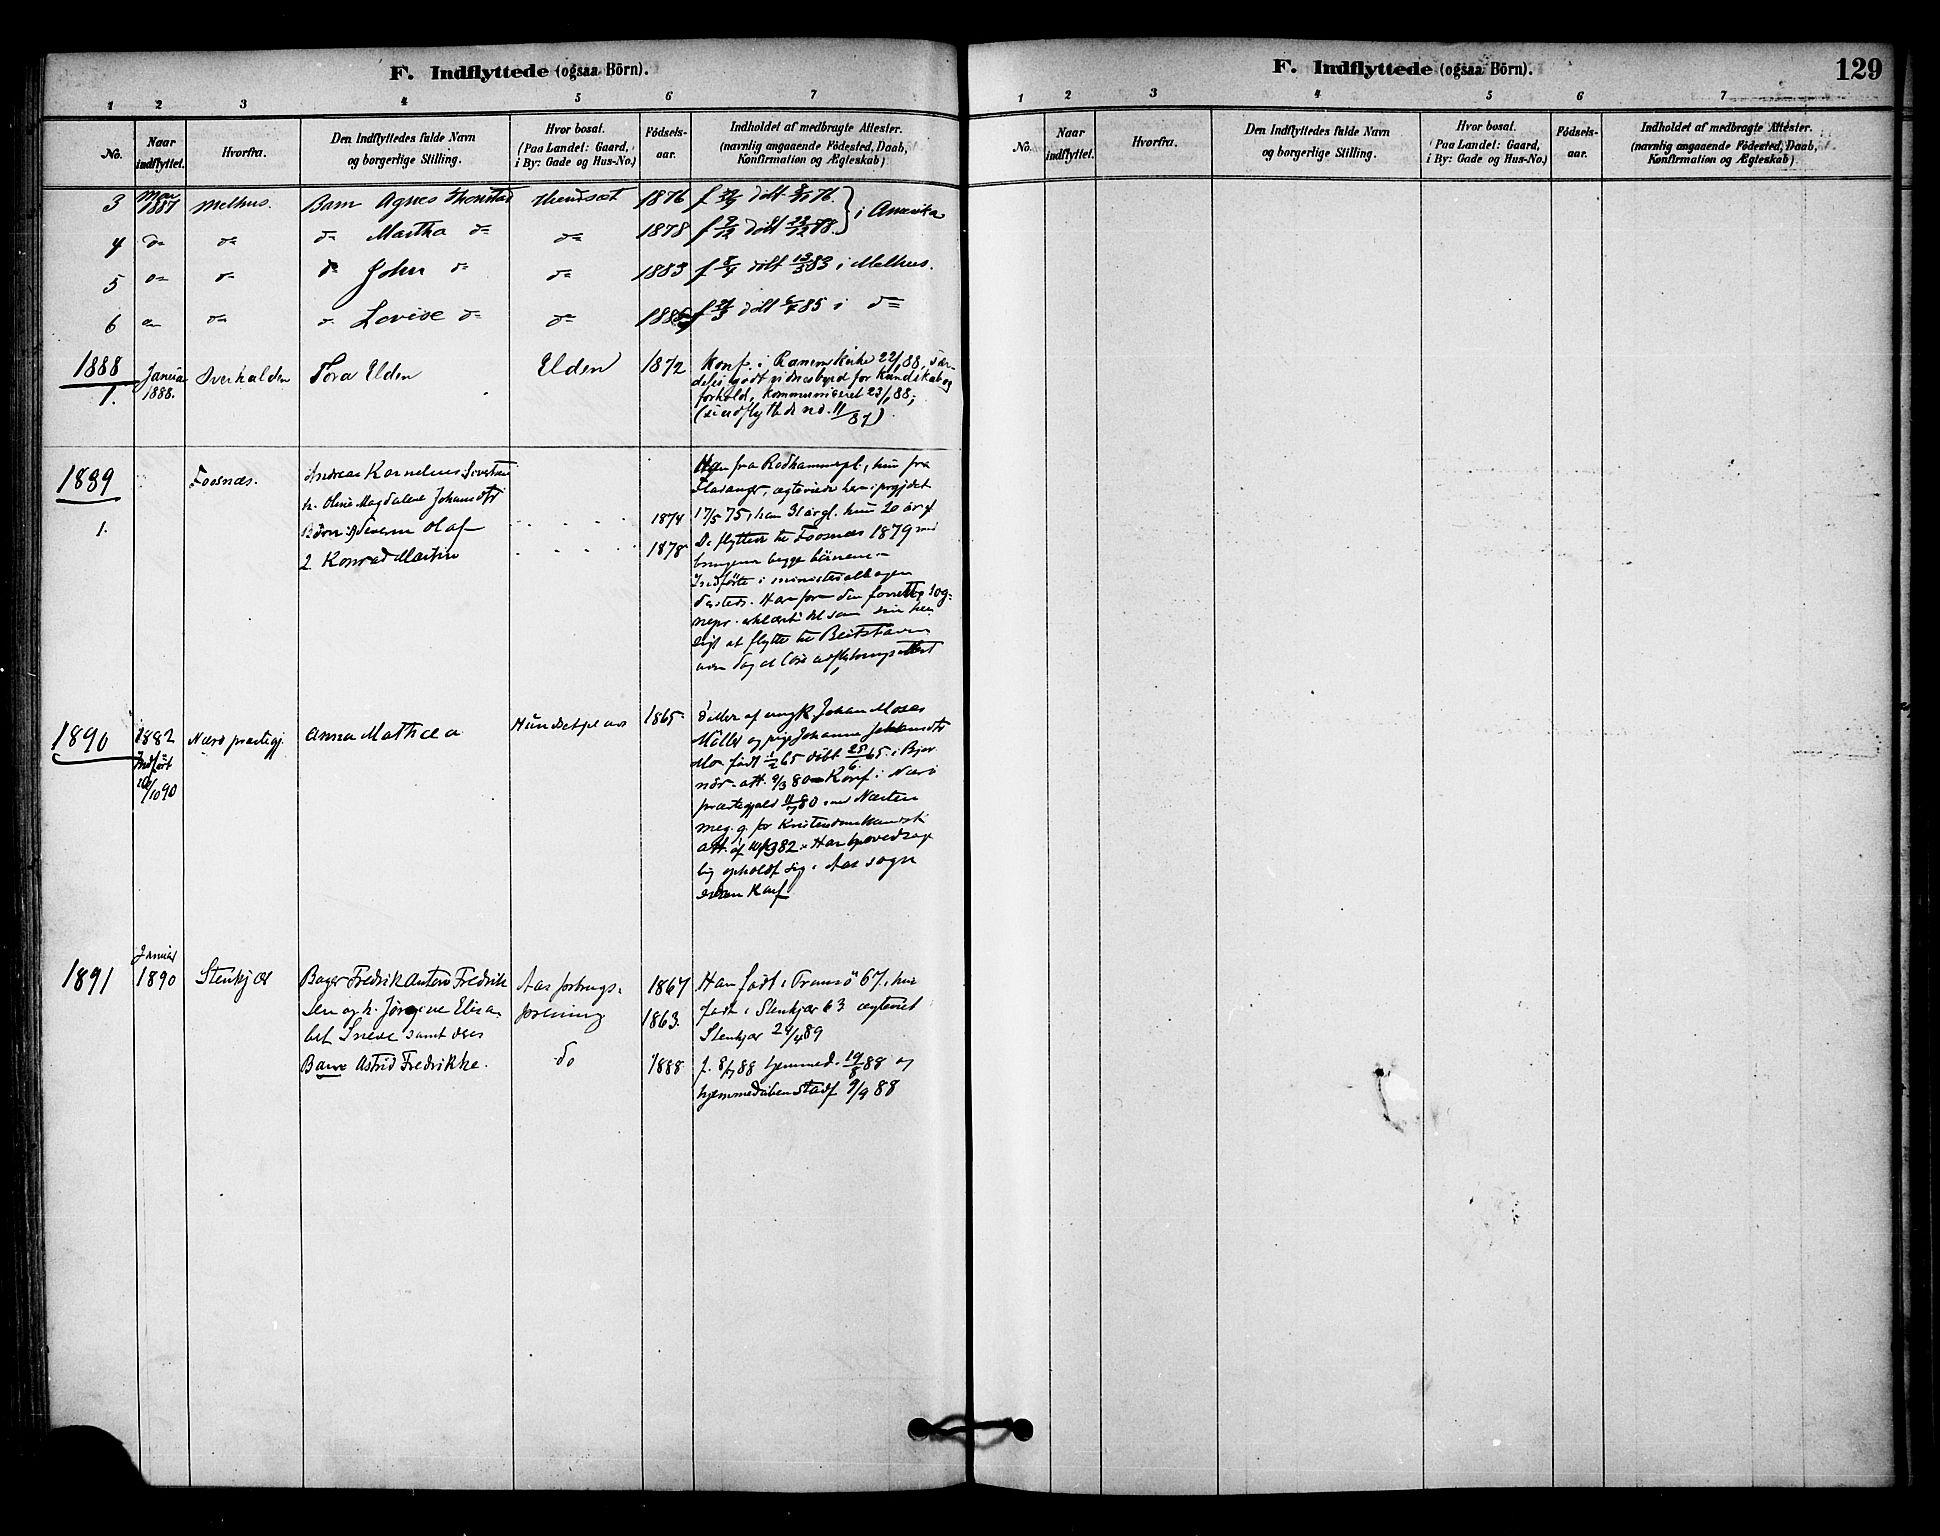 SAT, Ministerialprotokoller, klokkerbøker og fødselsregistre - Nord-Trøndelag, 742/L0408: Ministerialbok nr. 742A01, 1878-1890, s. 129